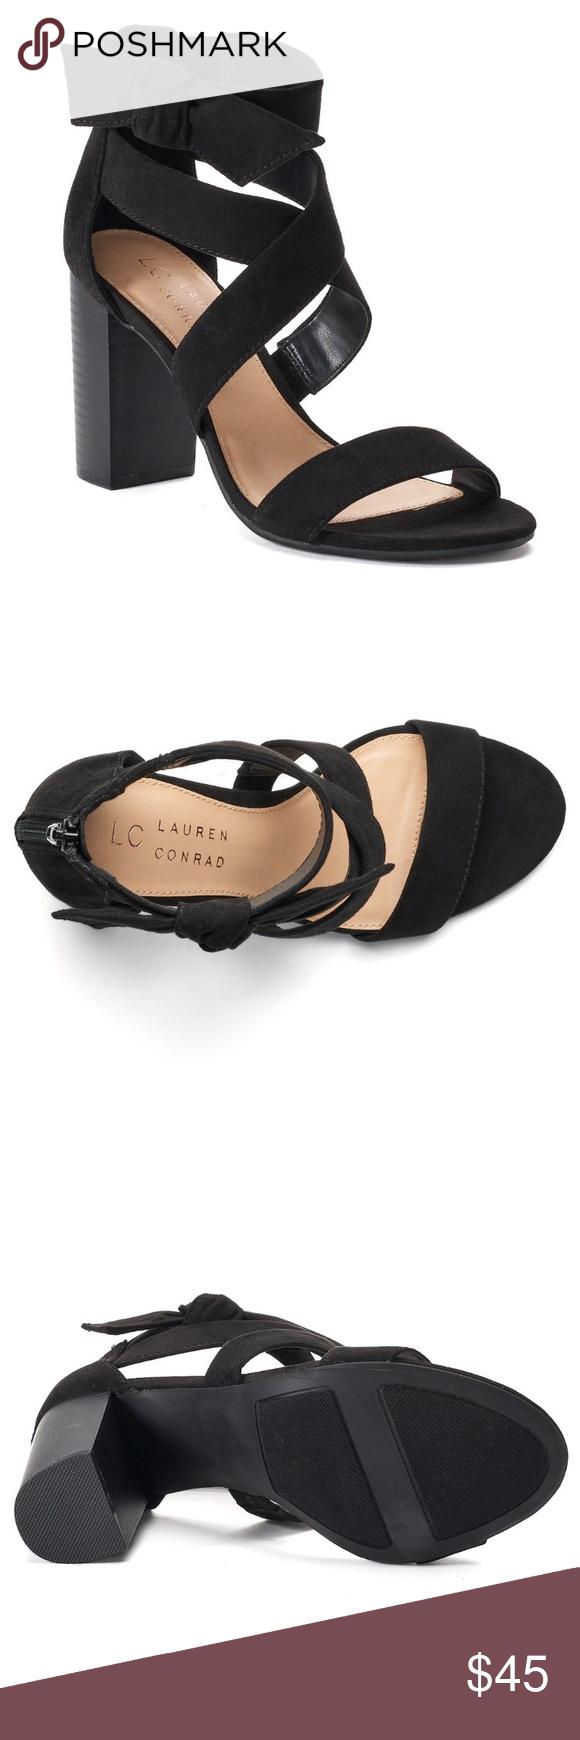 LC Lauren Conrad Girlfriend Womens High Heel Sandals